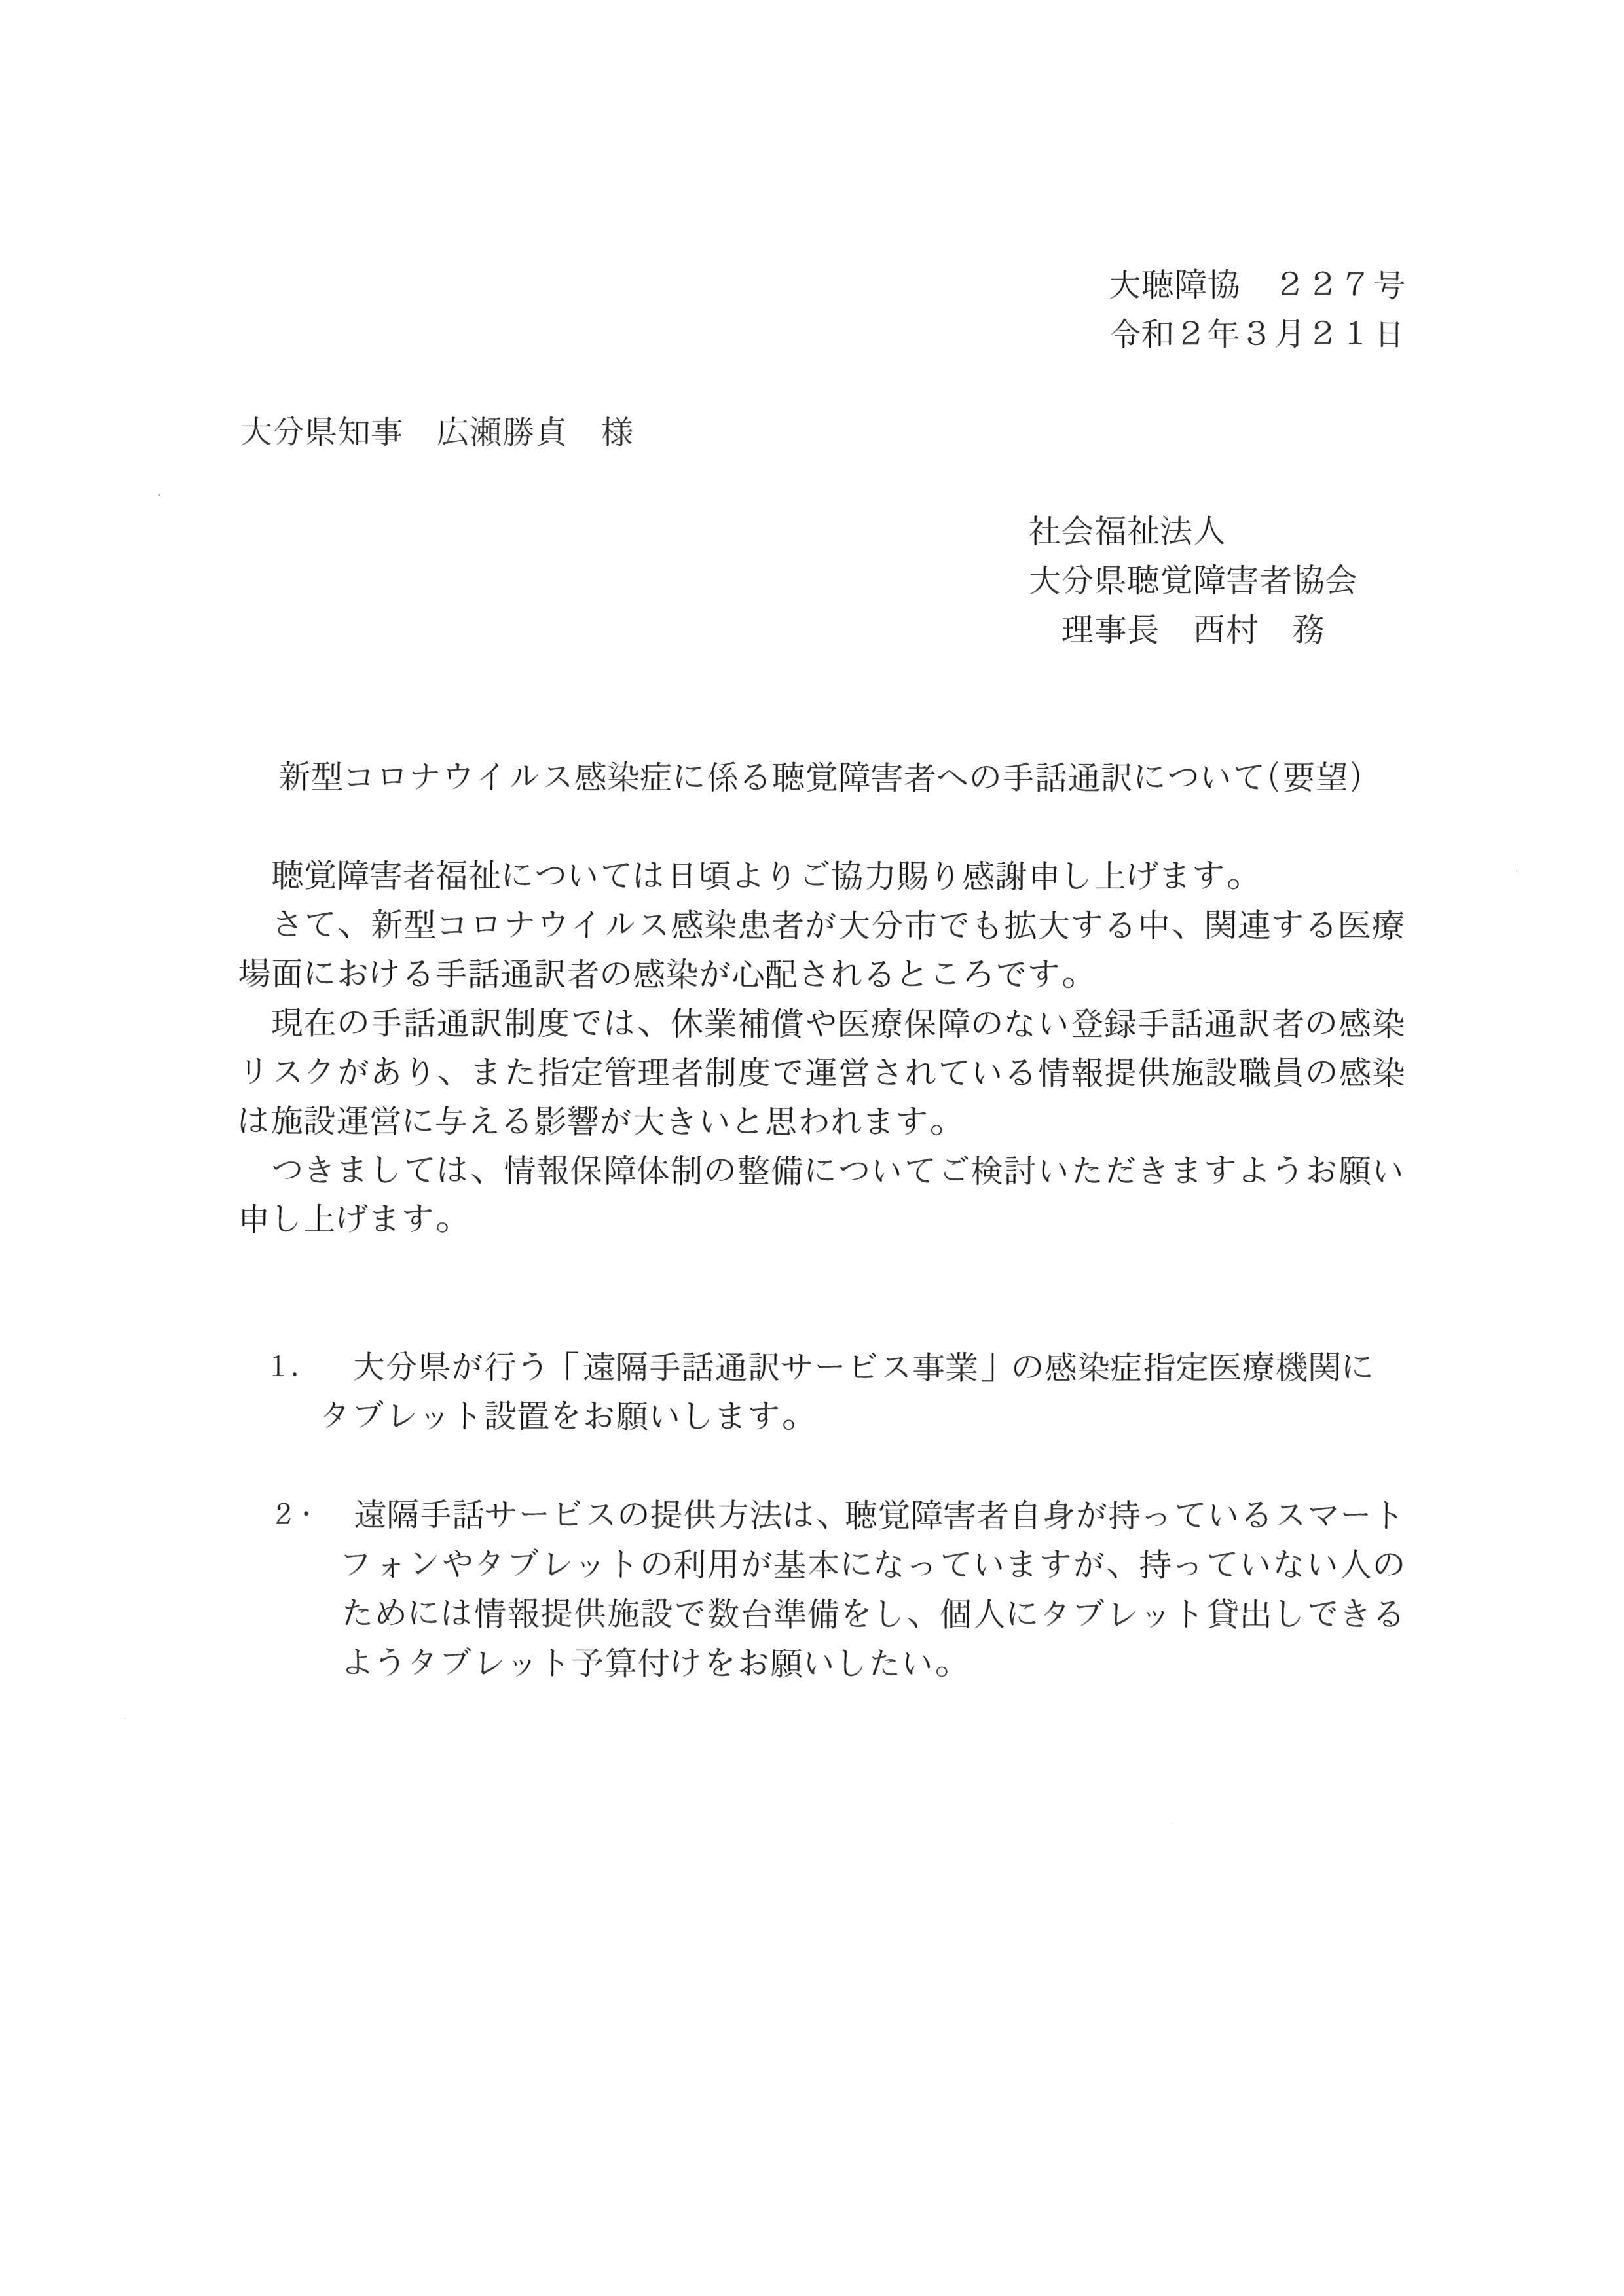 大分県へ要望と医療機関へのお願い_d0070316_09075963.jpg